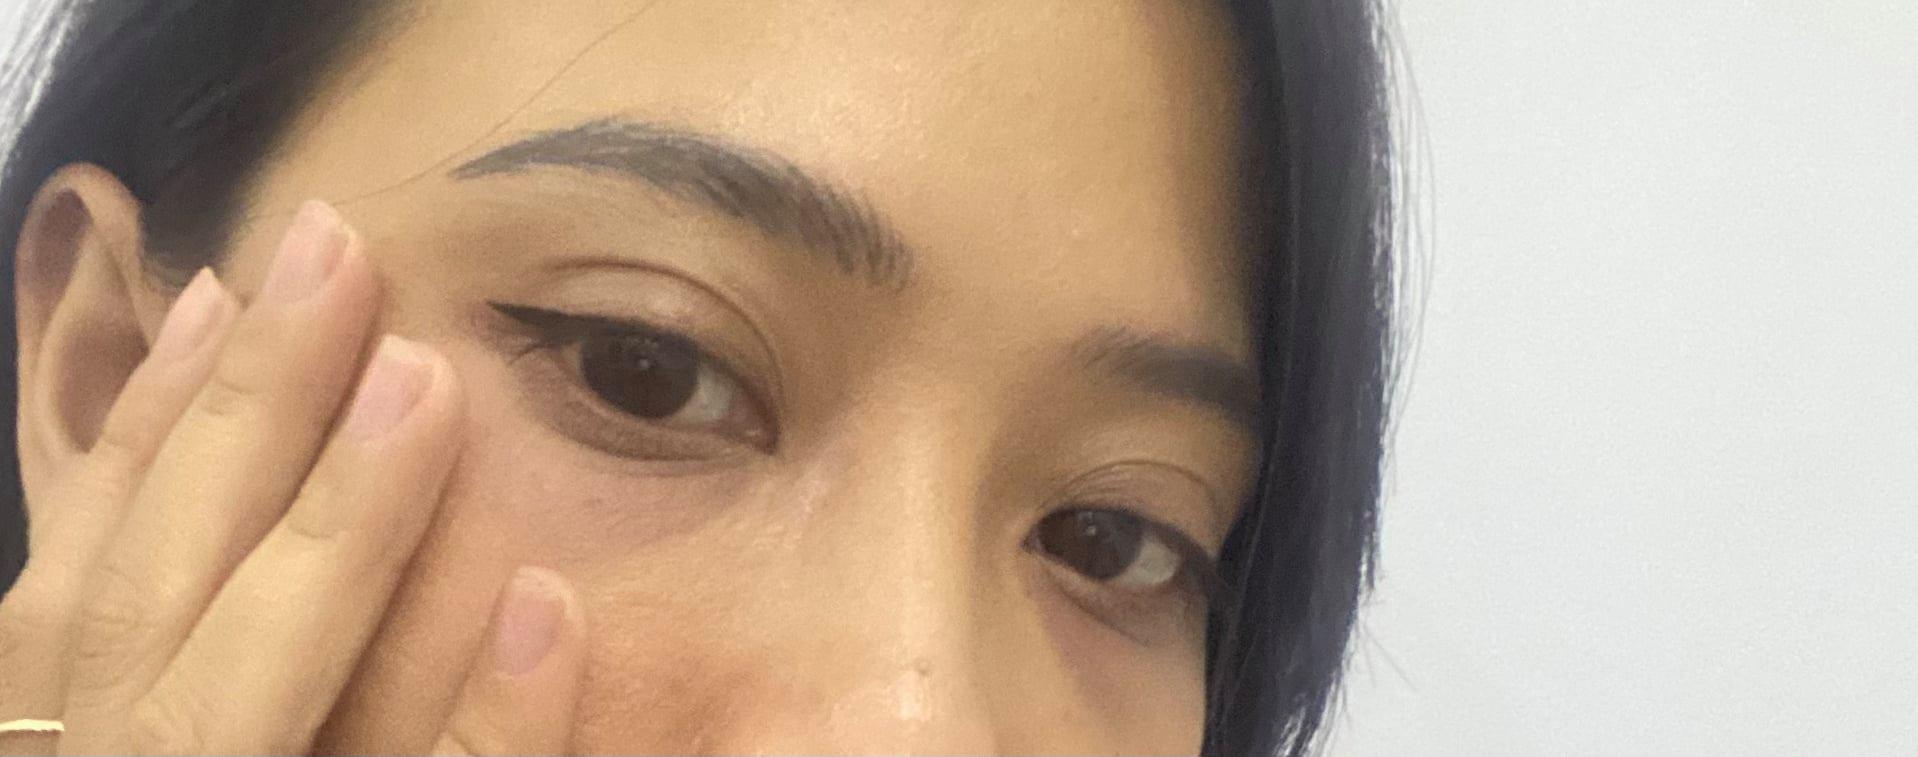 Nghe cô nàng review tiêm trị thâm mắt: Chẳng đau bằng nặn mụn, làm một loáng là xong mà cải thiện thấy rõ - Ảnh 1.